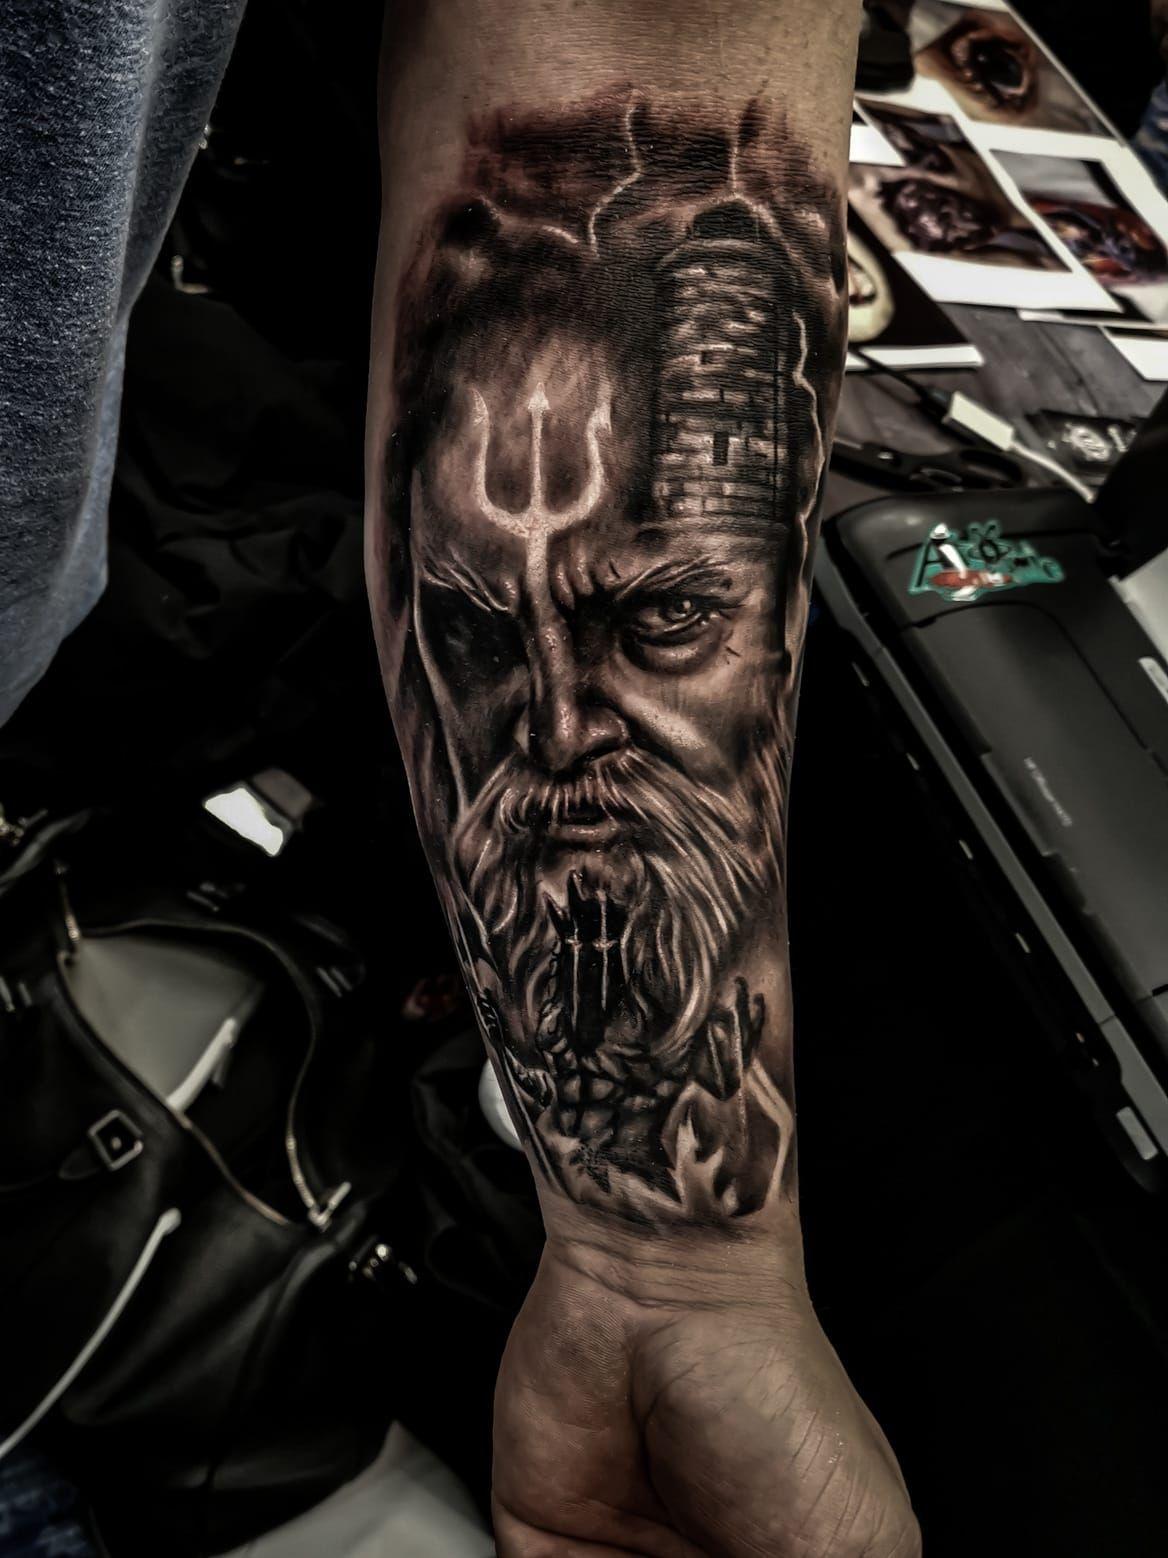 Poseidon Tattoo: Poseidon Tattoo By Renato. Limited Availability At